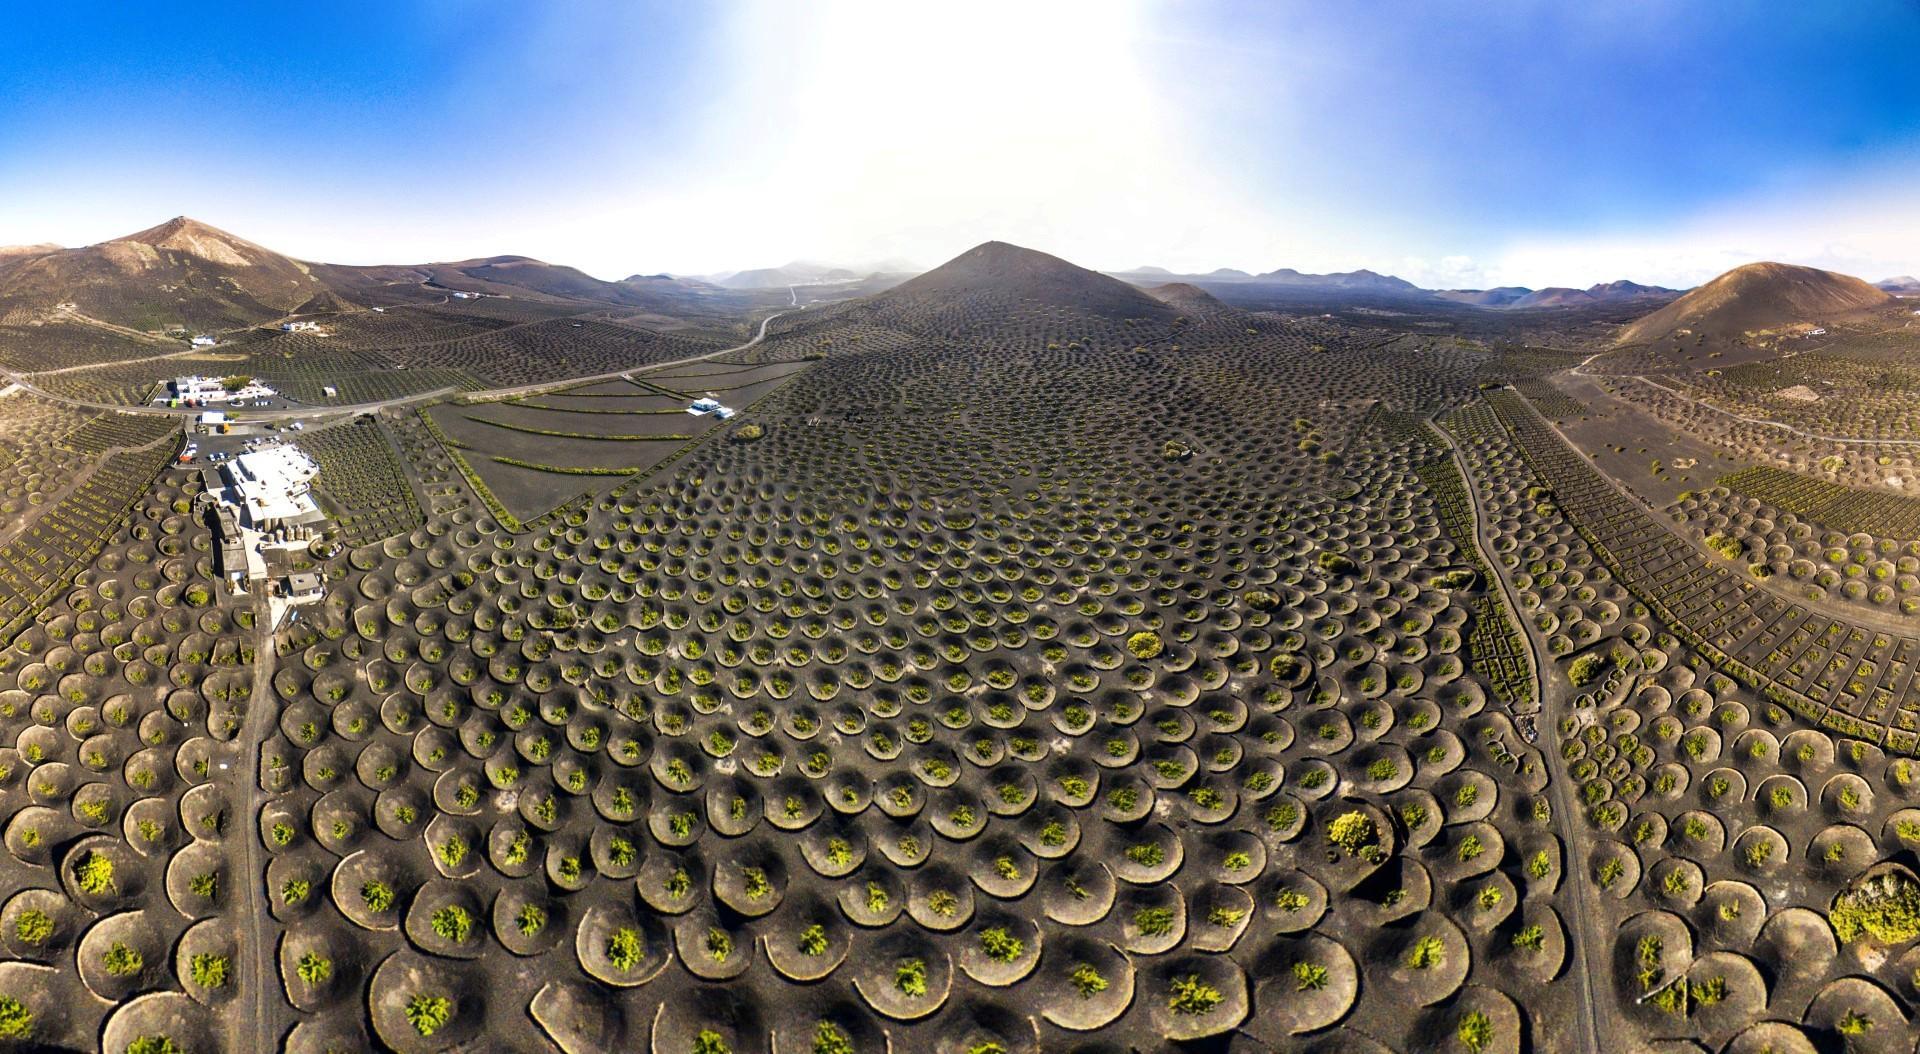 Bellezze della natura paesaggi di vini  Tgcom24